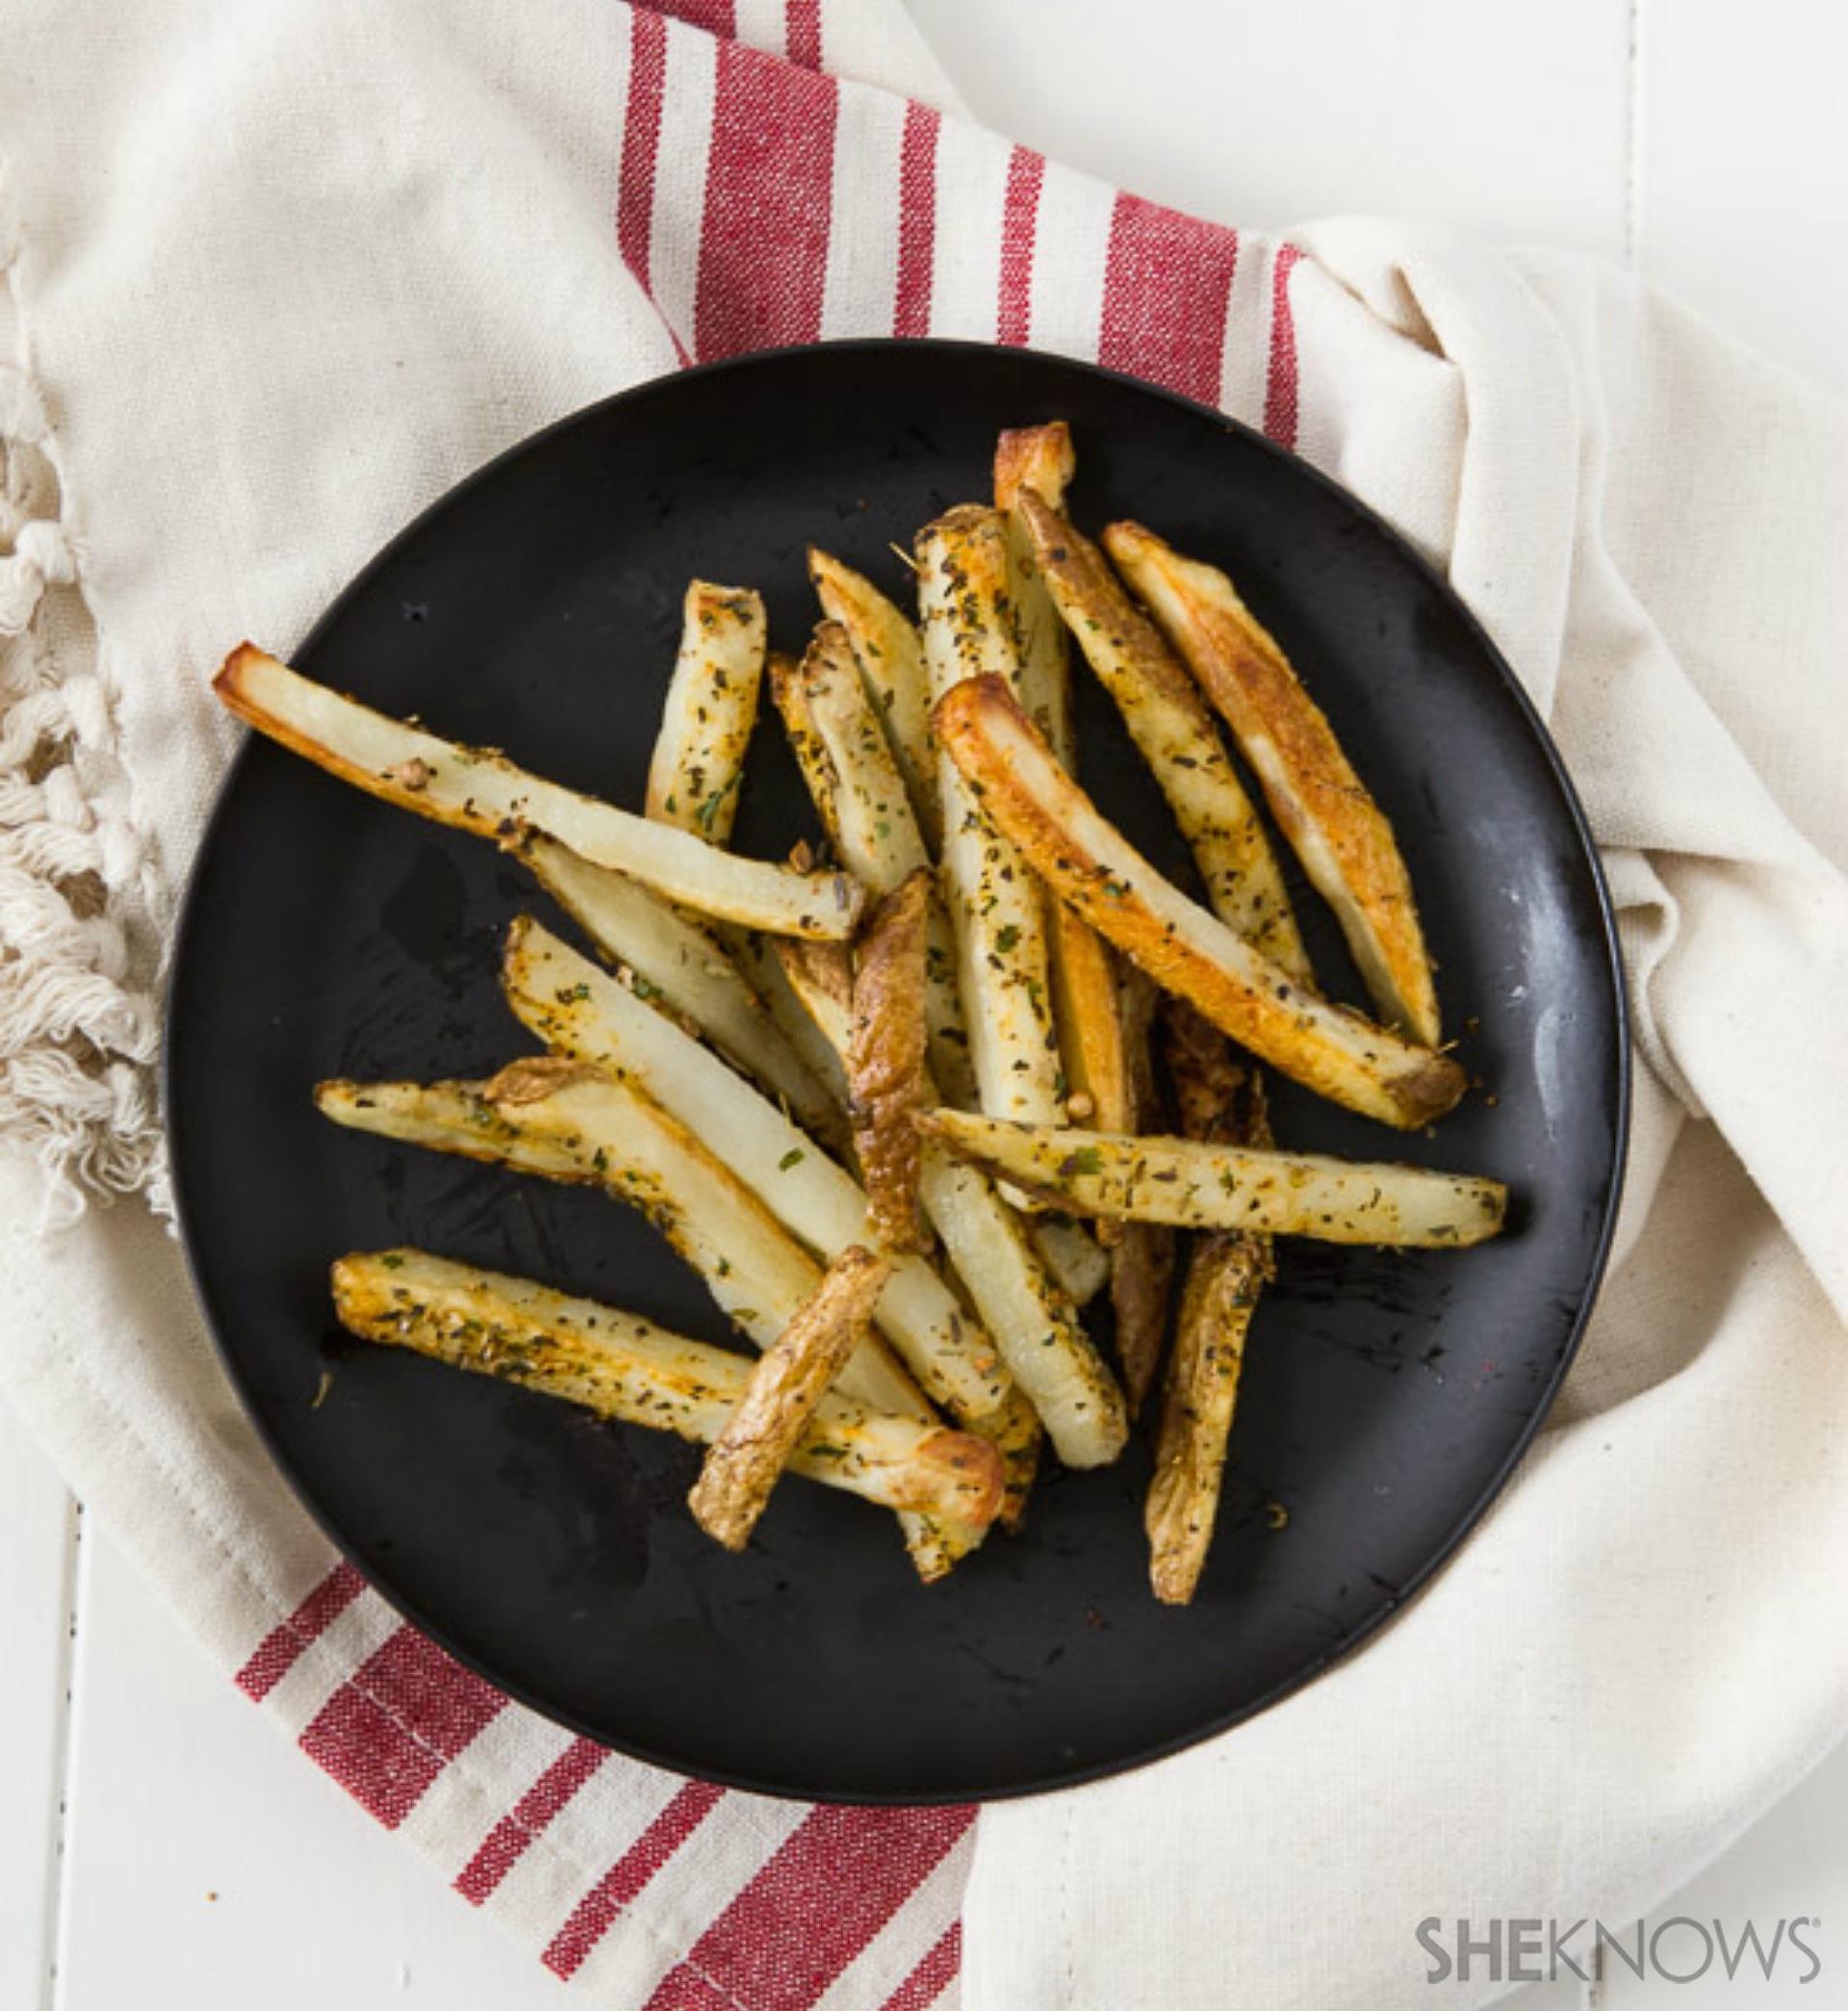 Italian-spiced fries